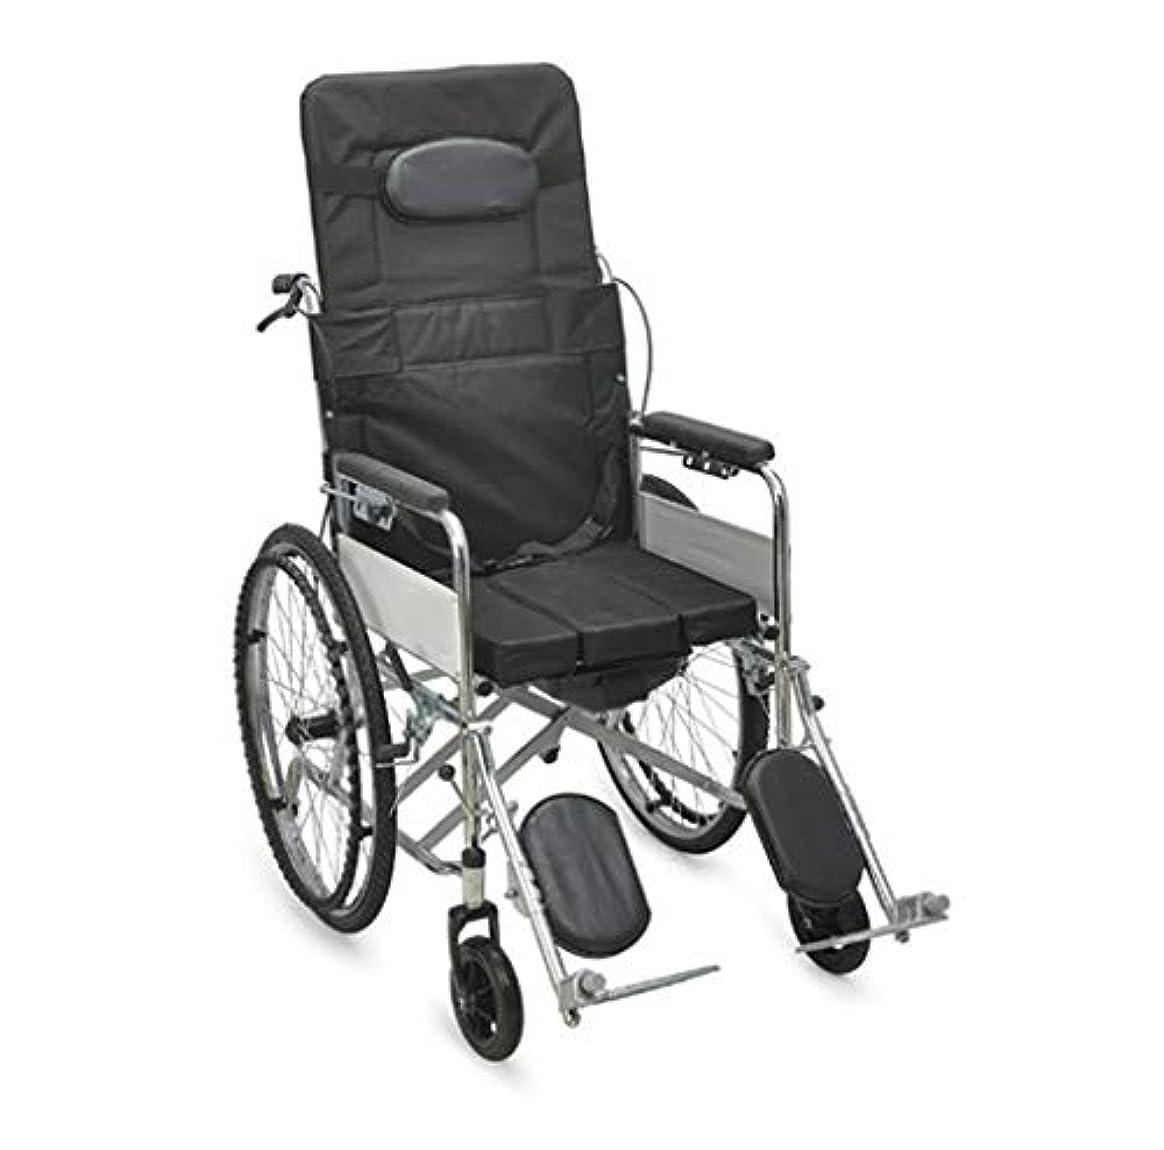 影響暴君驚いたことに自走式車椅子、高齢者に適した軽量モバイルデバイス、身体障害者および身体障害者用、ポータブル車椅子